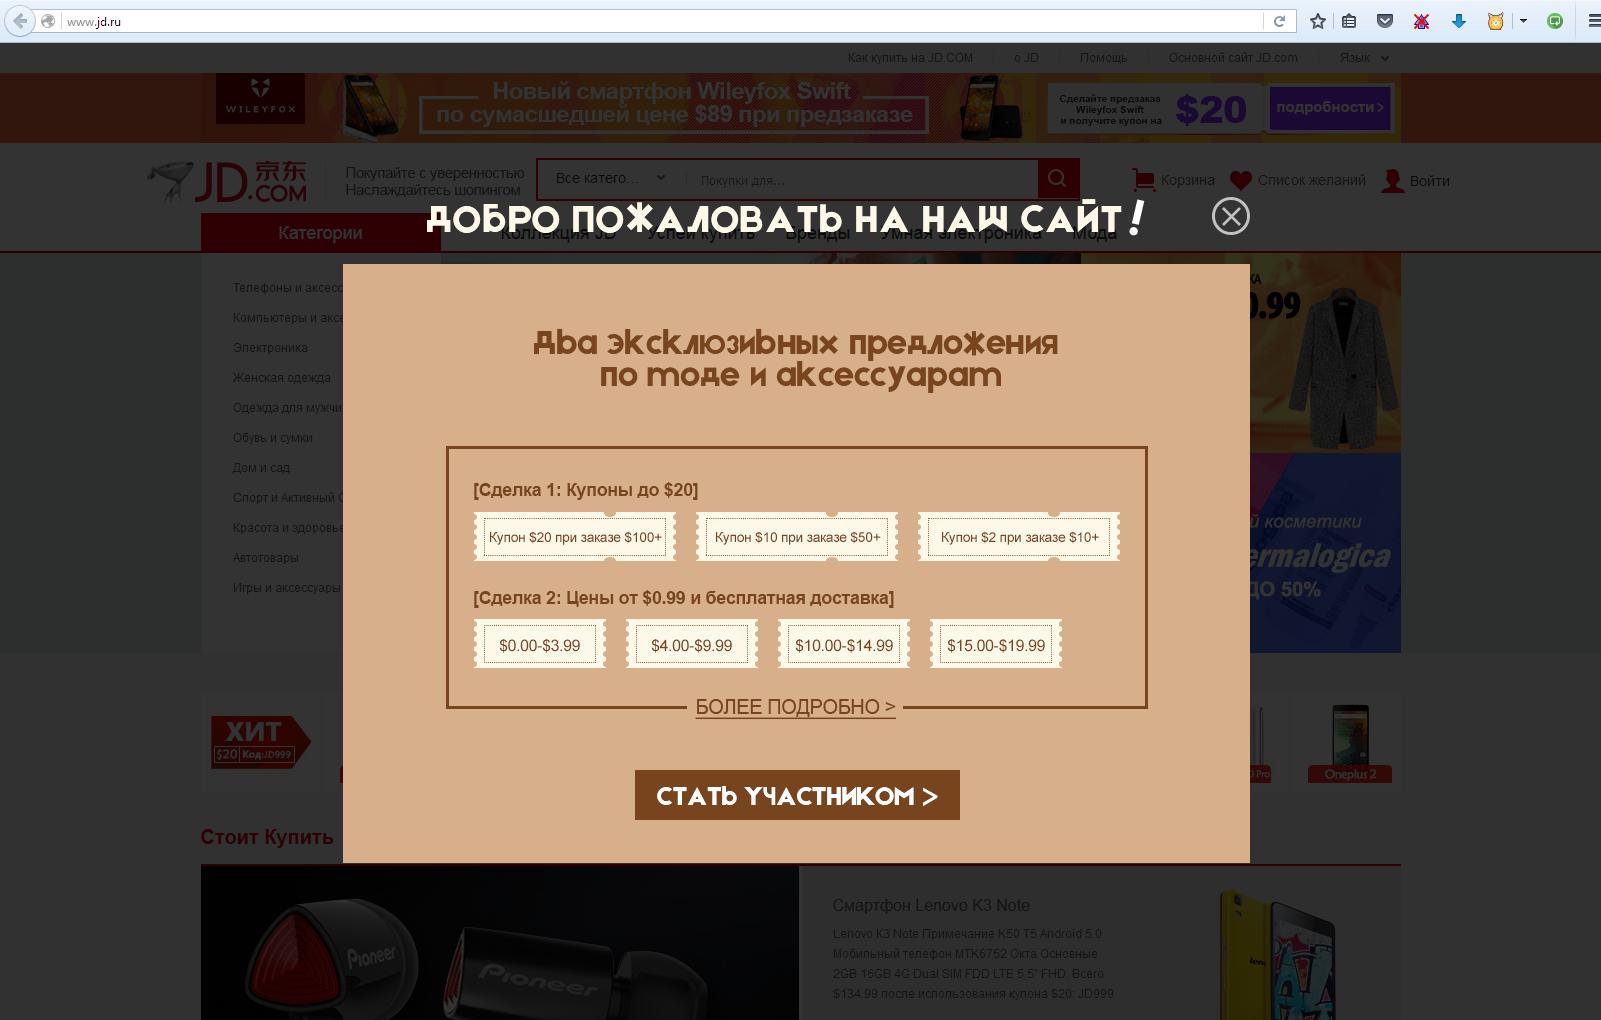 Первая русская страница JD.com на jd.ru